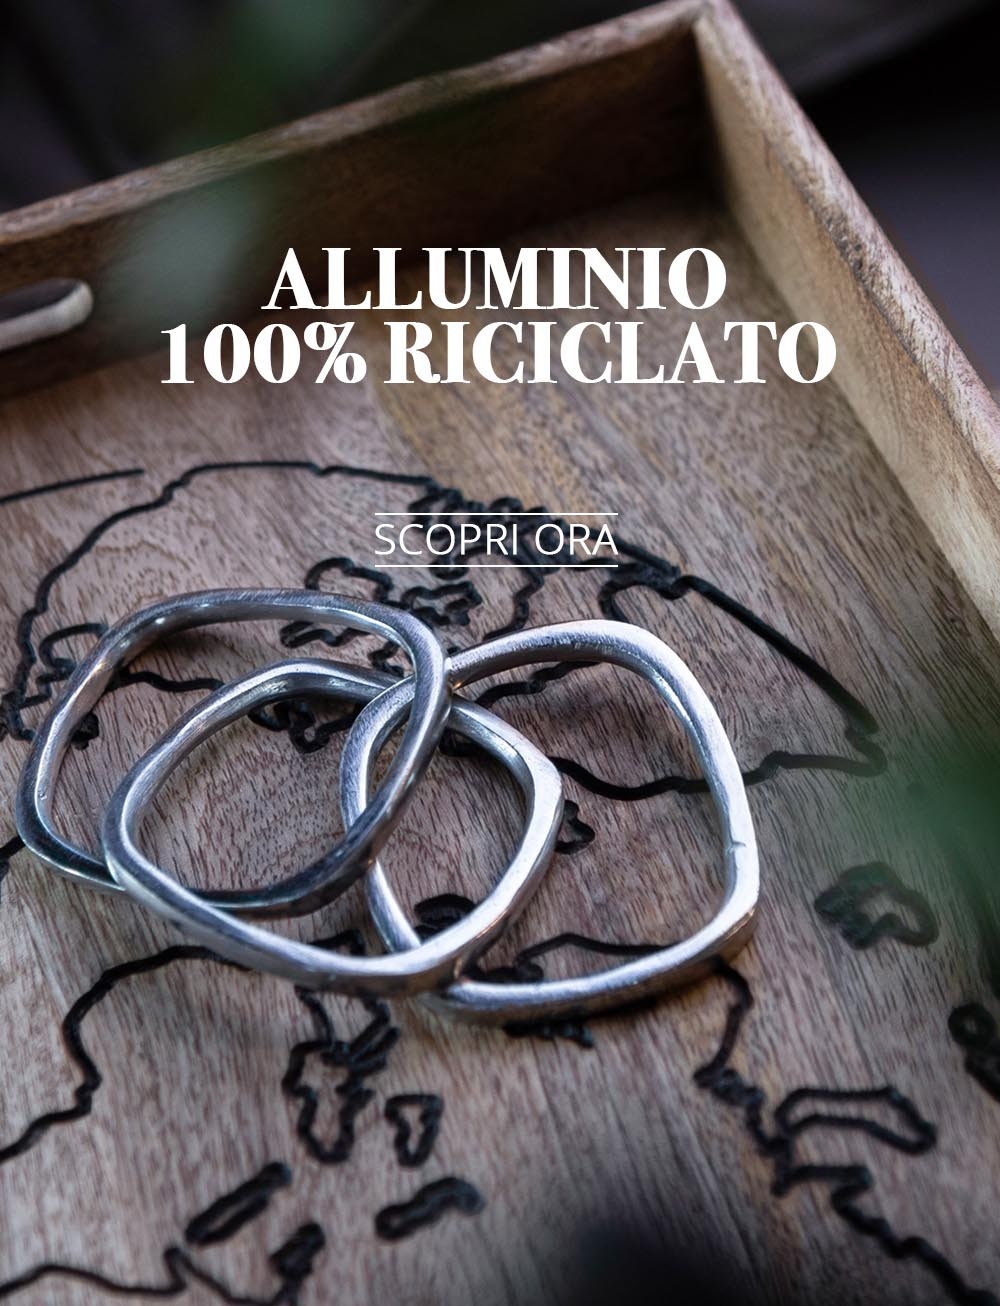 alluminio riciclato ss20